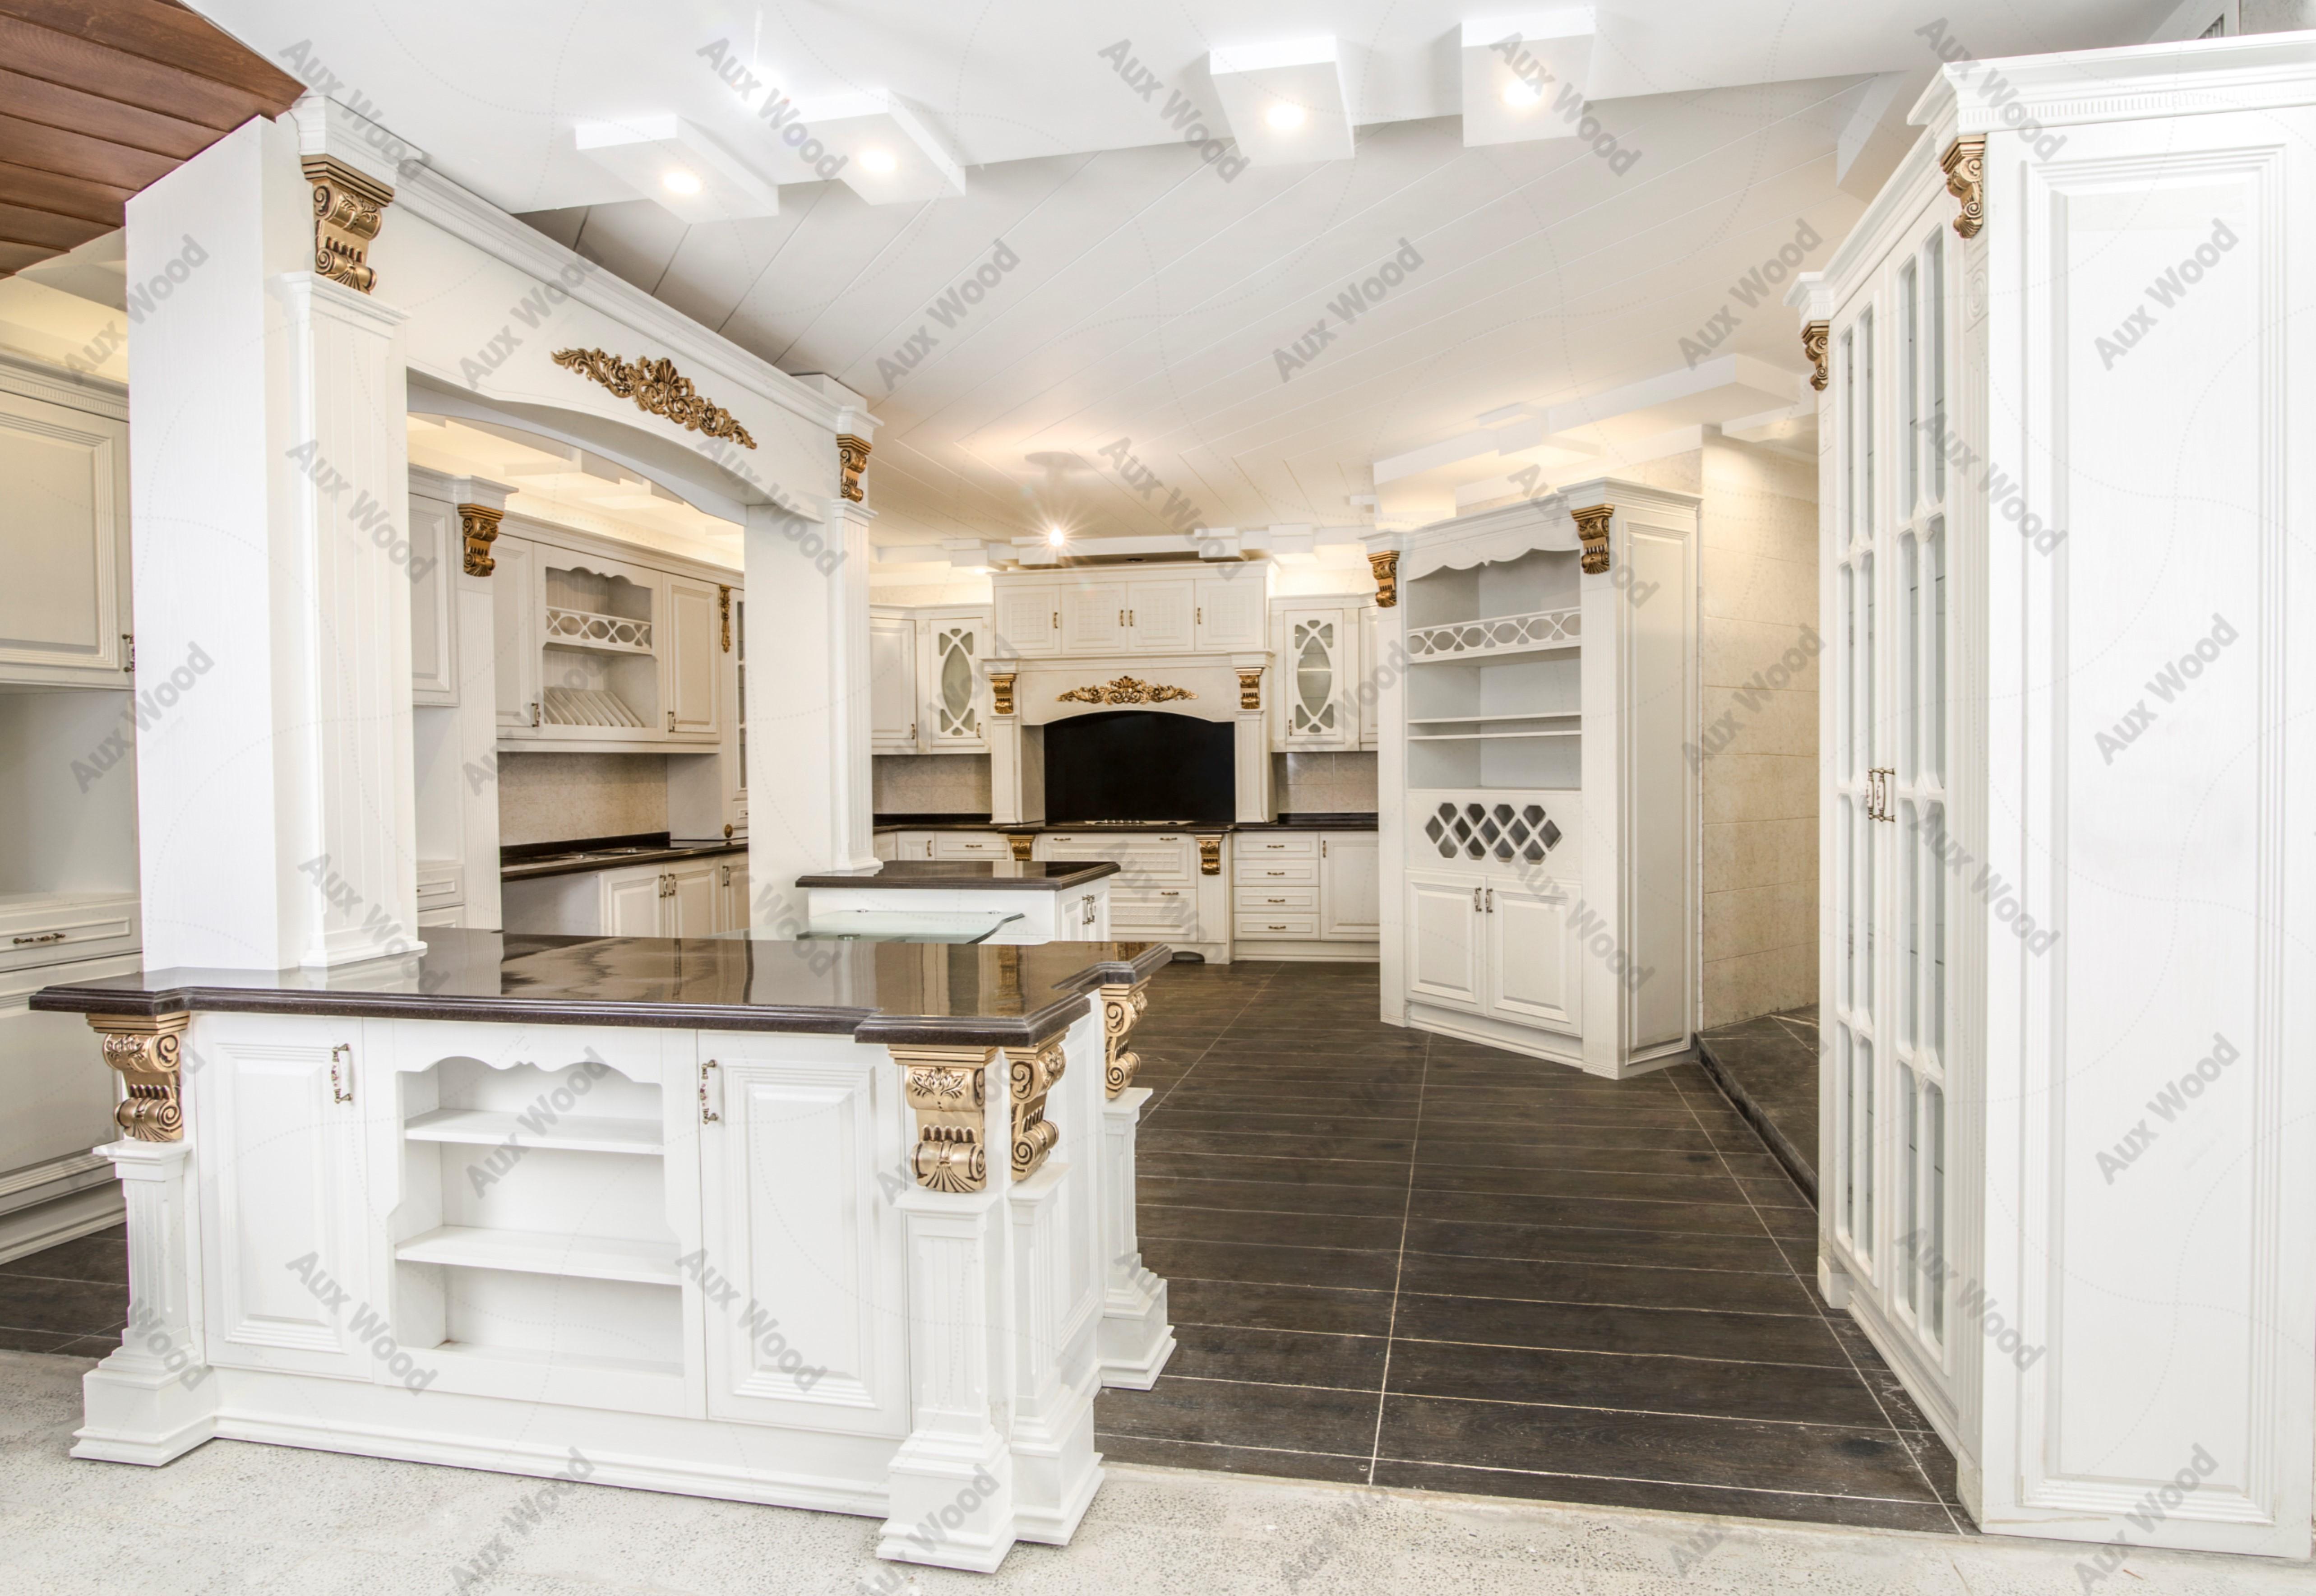 جزیره کاربردی و بزرگ در آشپزخانه با طراحی کابینت ممبران